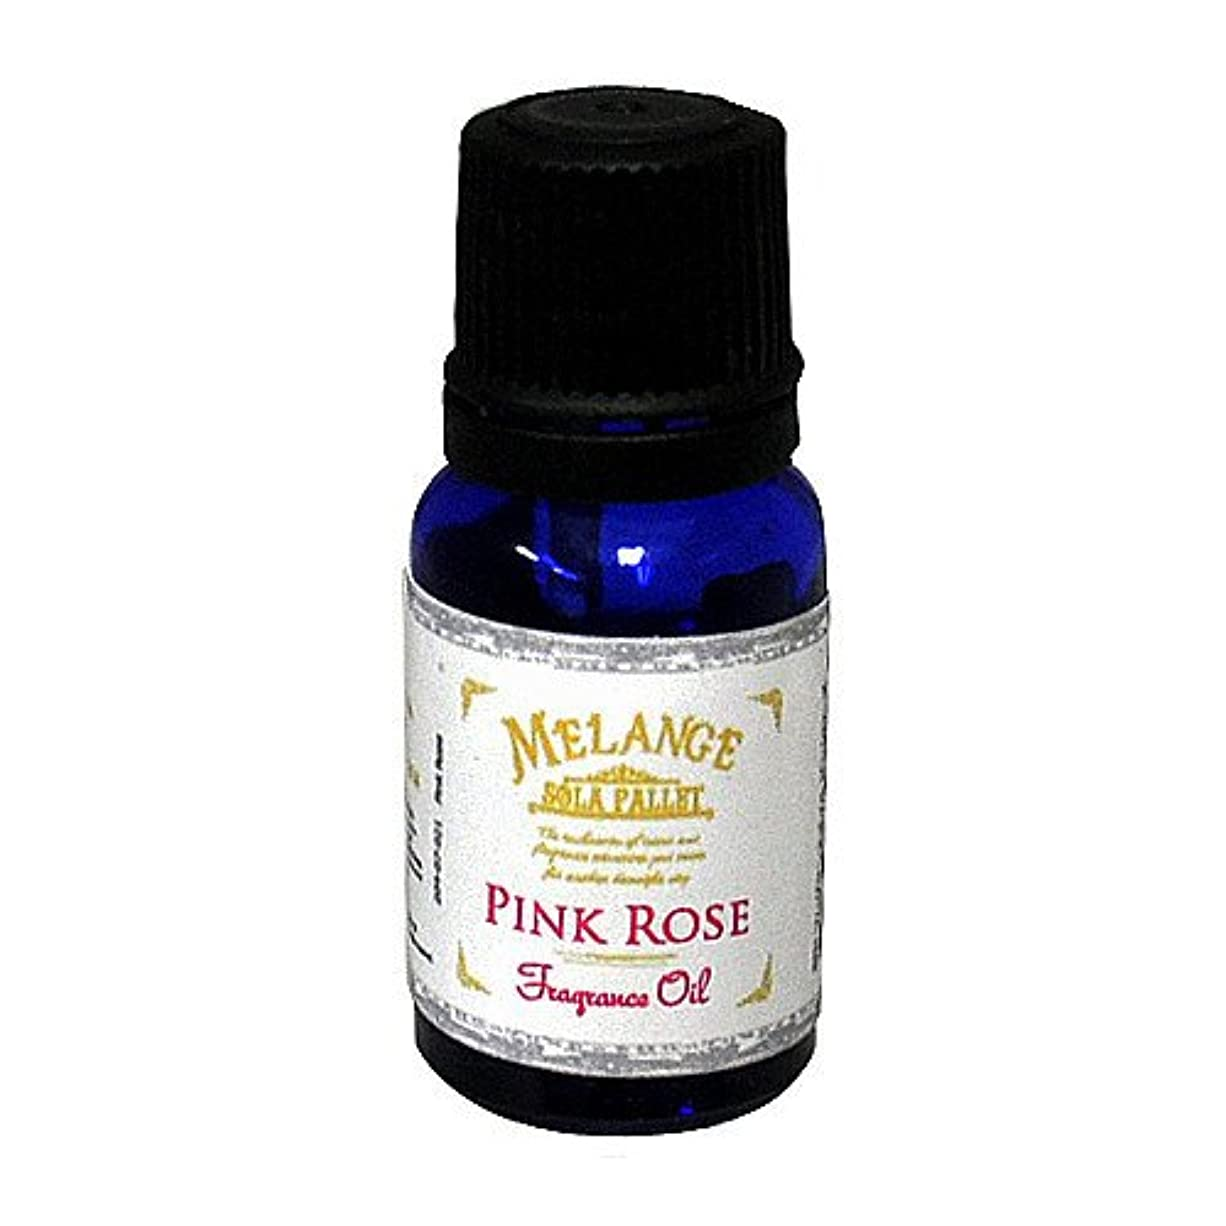 契約した昆虫を見るレパートリーSOLA PALLET MELANGE Fragrance Oil フレグランスオイル Pink Rose ピンクローズ